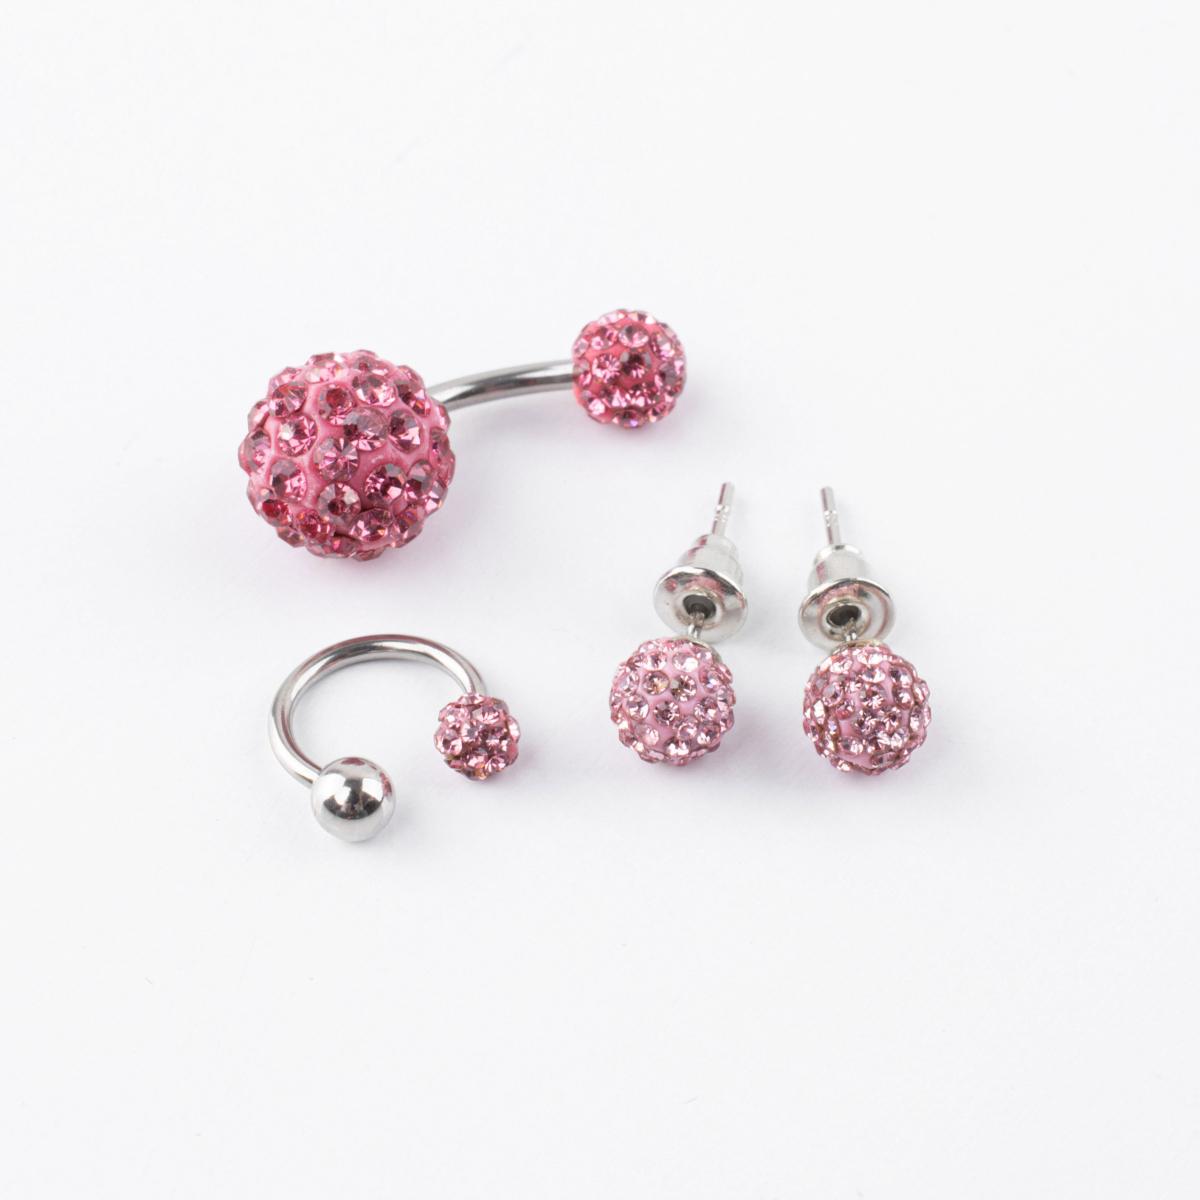 Rózsaszín Strasszos Orvosi Acélból Készült 4 darabos Piercing és fülbevaló Szett